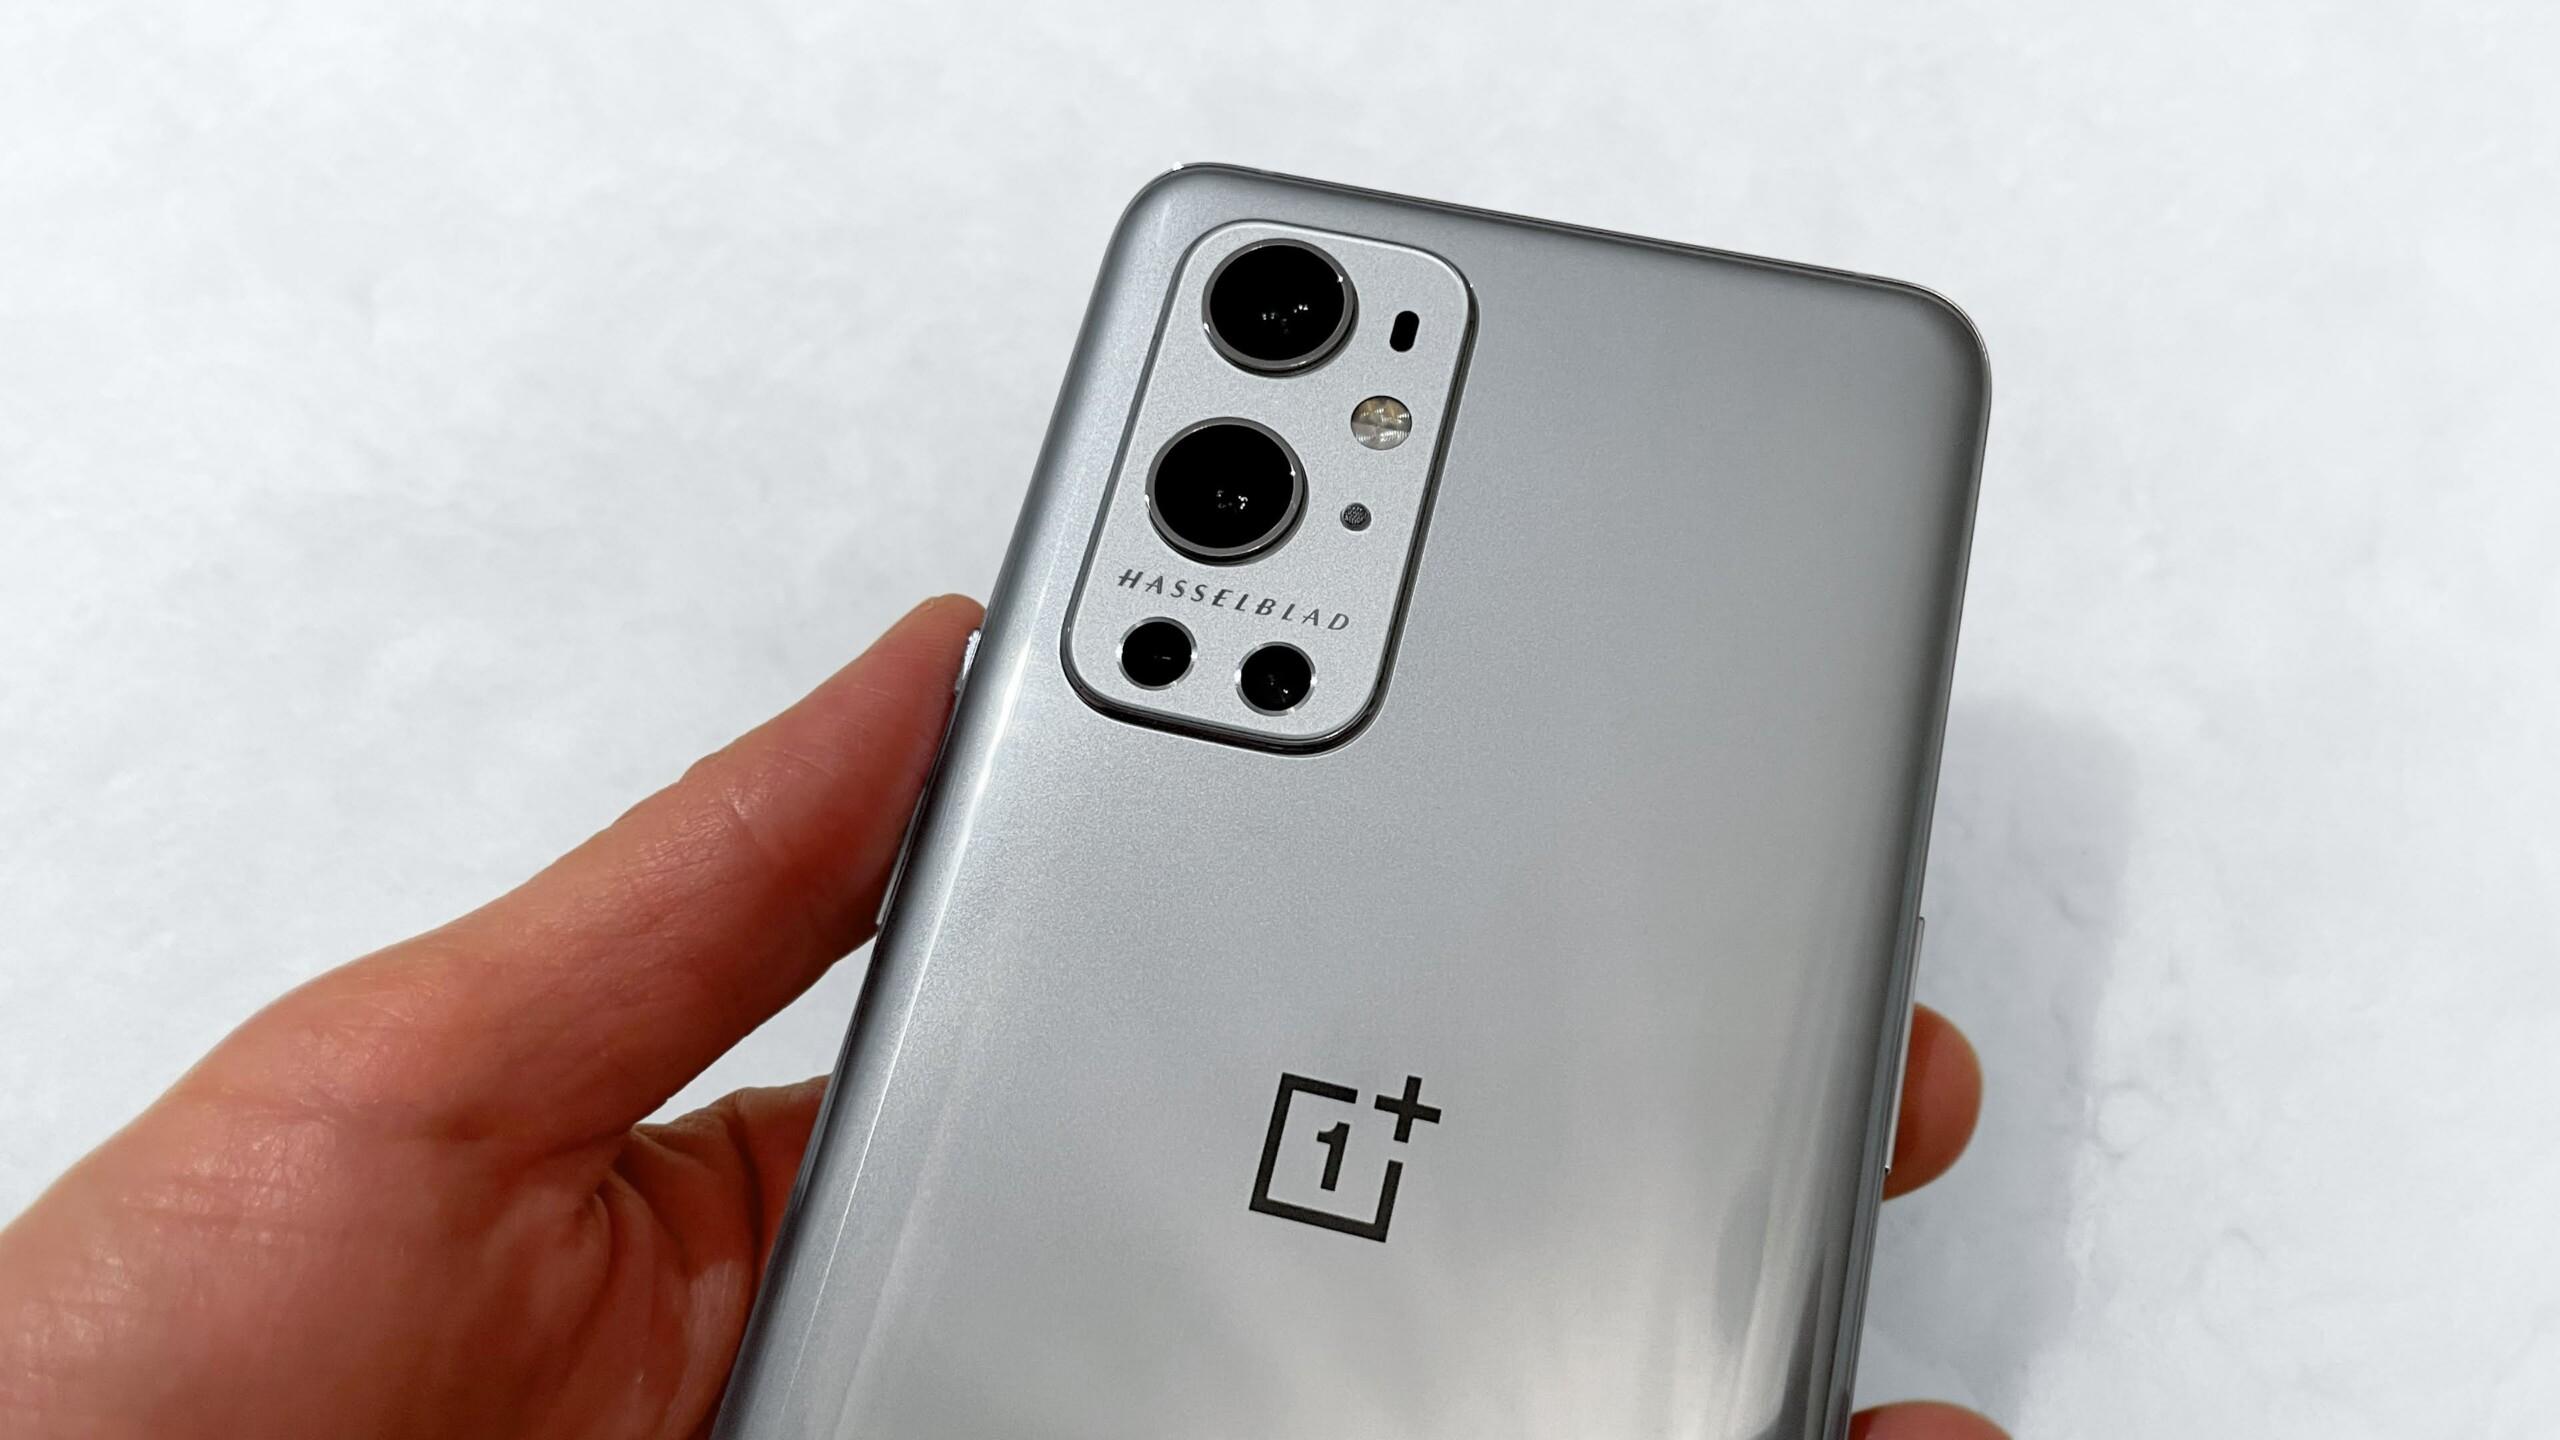 OnePlus 9 Pro : la caméra du smartphone serait signée par Hasselblad - Frandroid